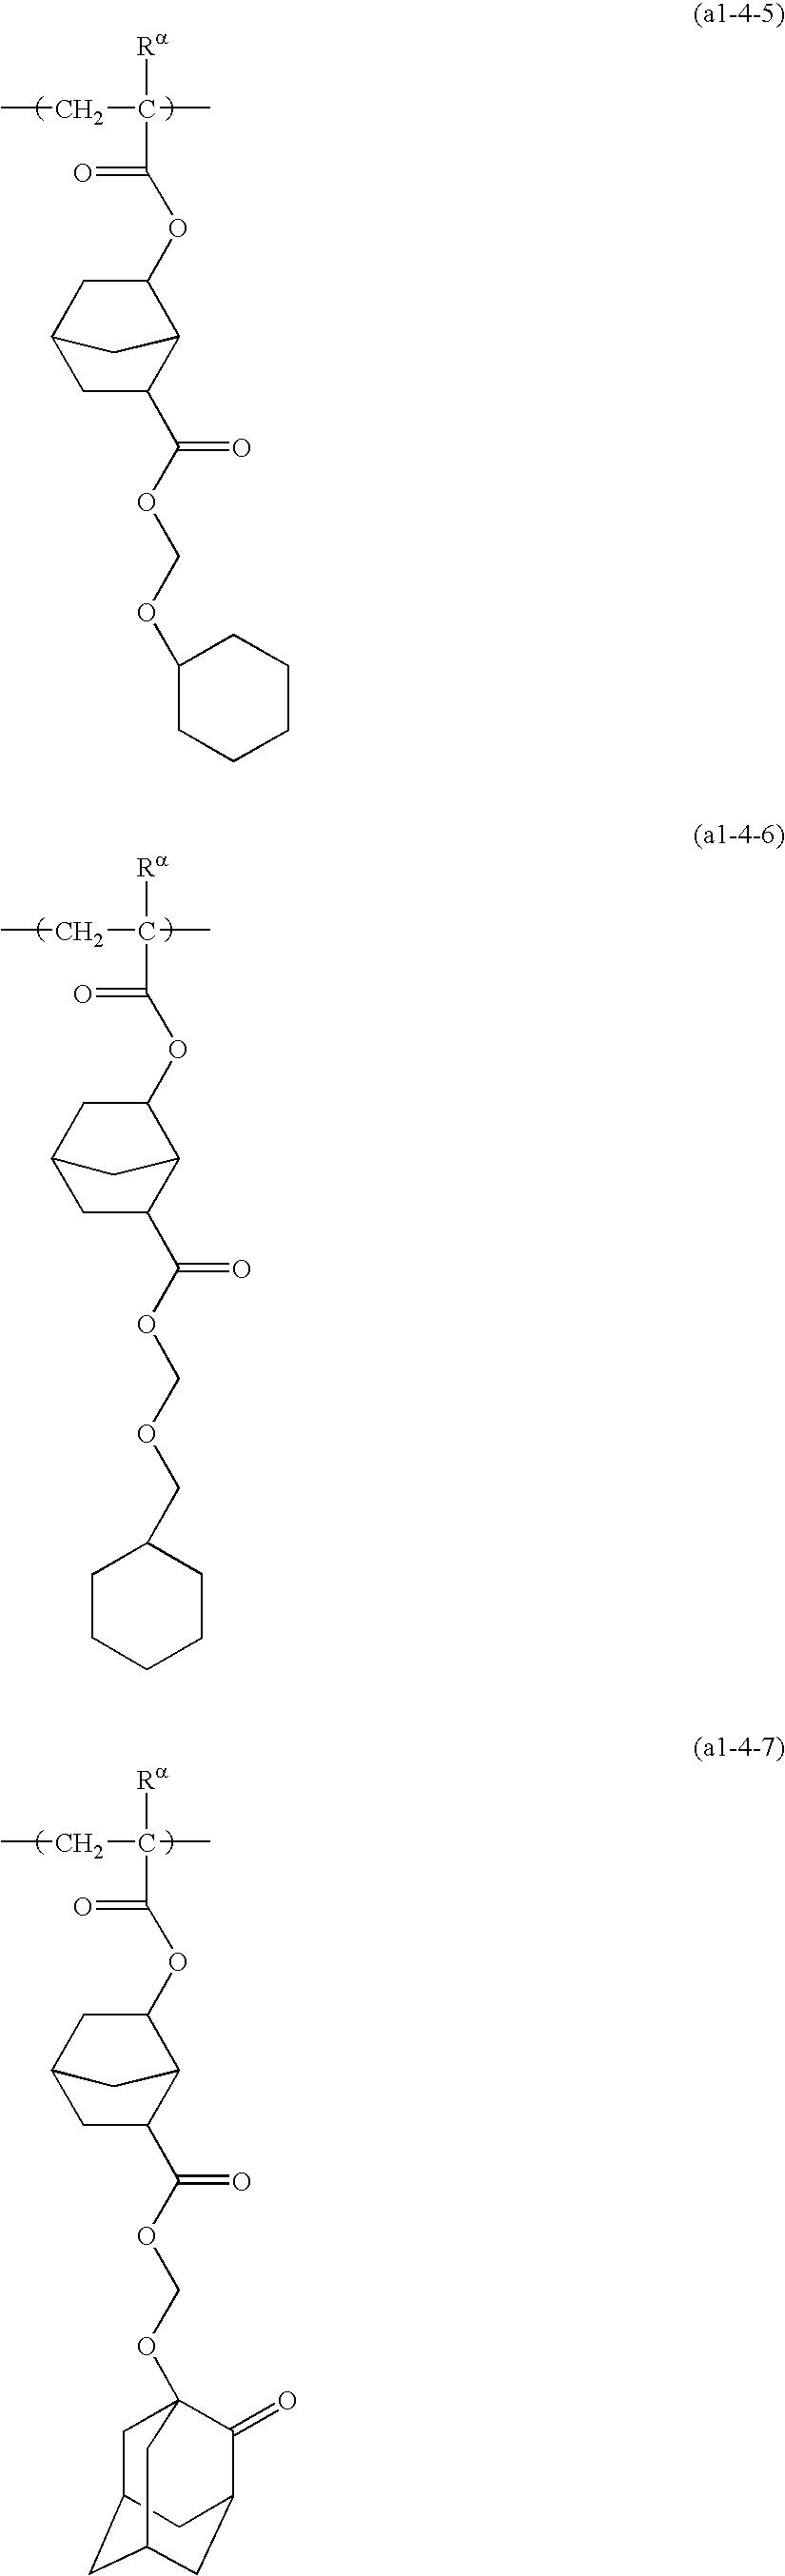 Figure US20100196821A1-20100805-C00044